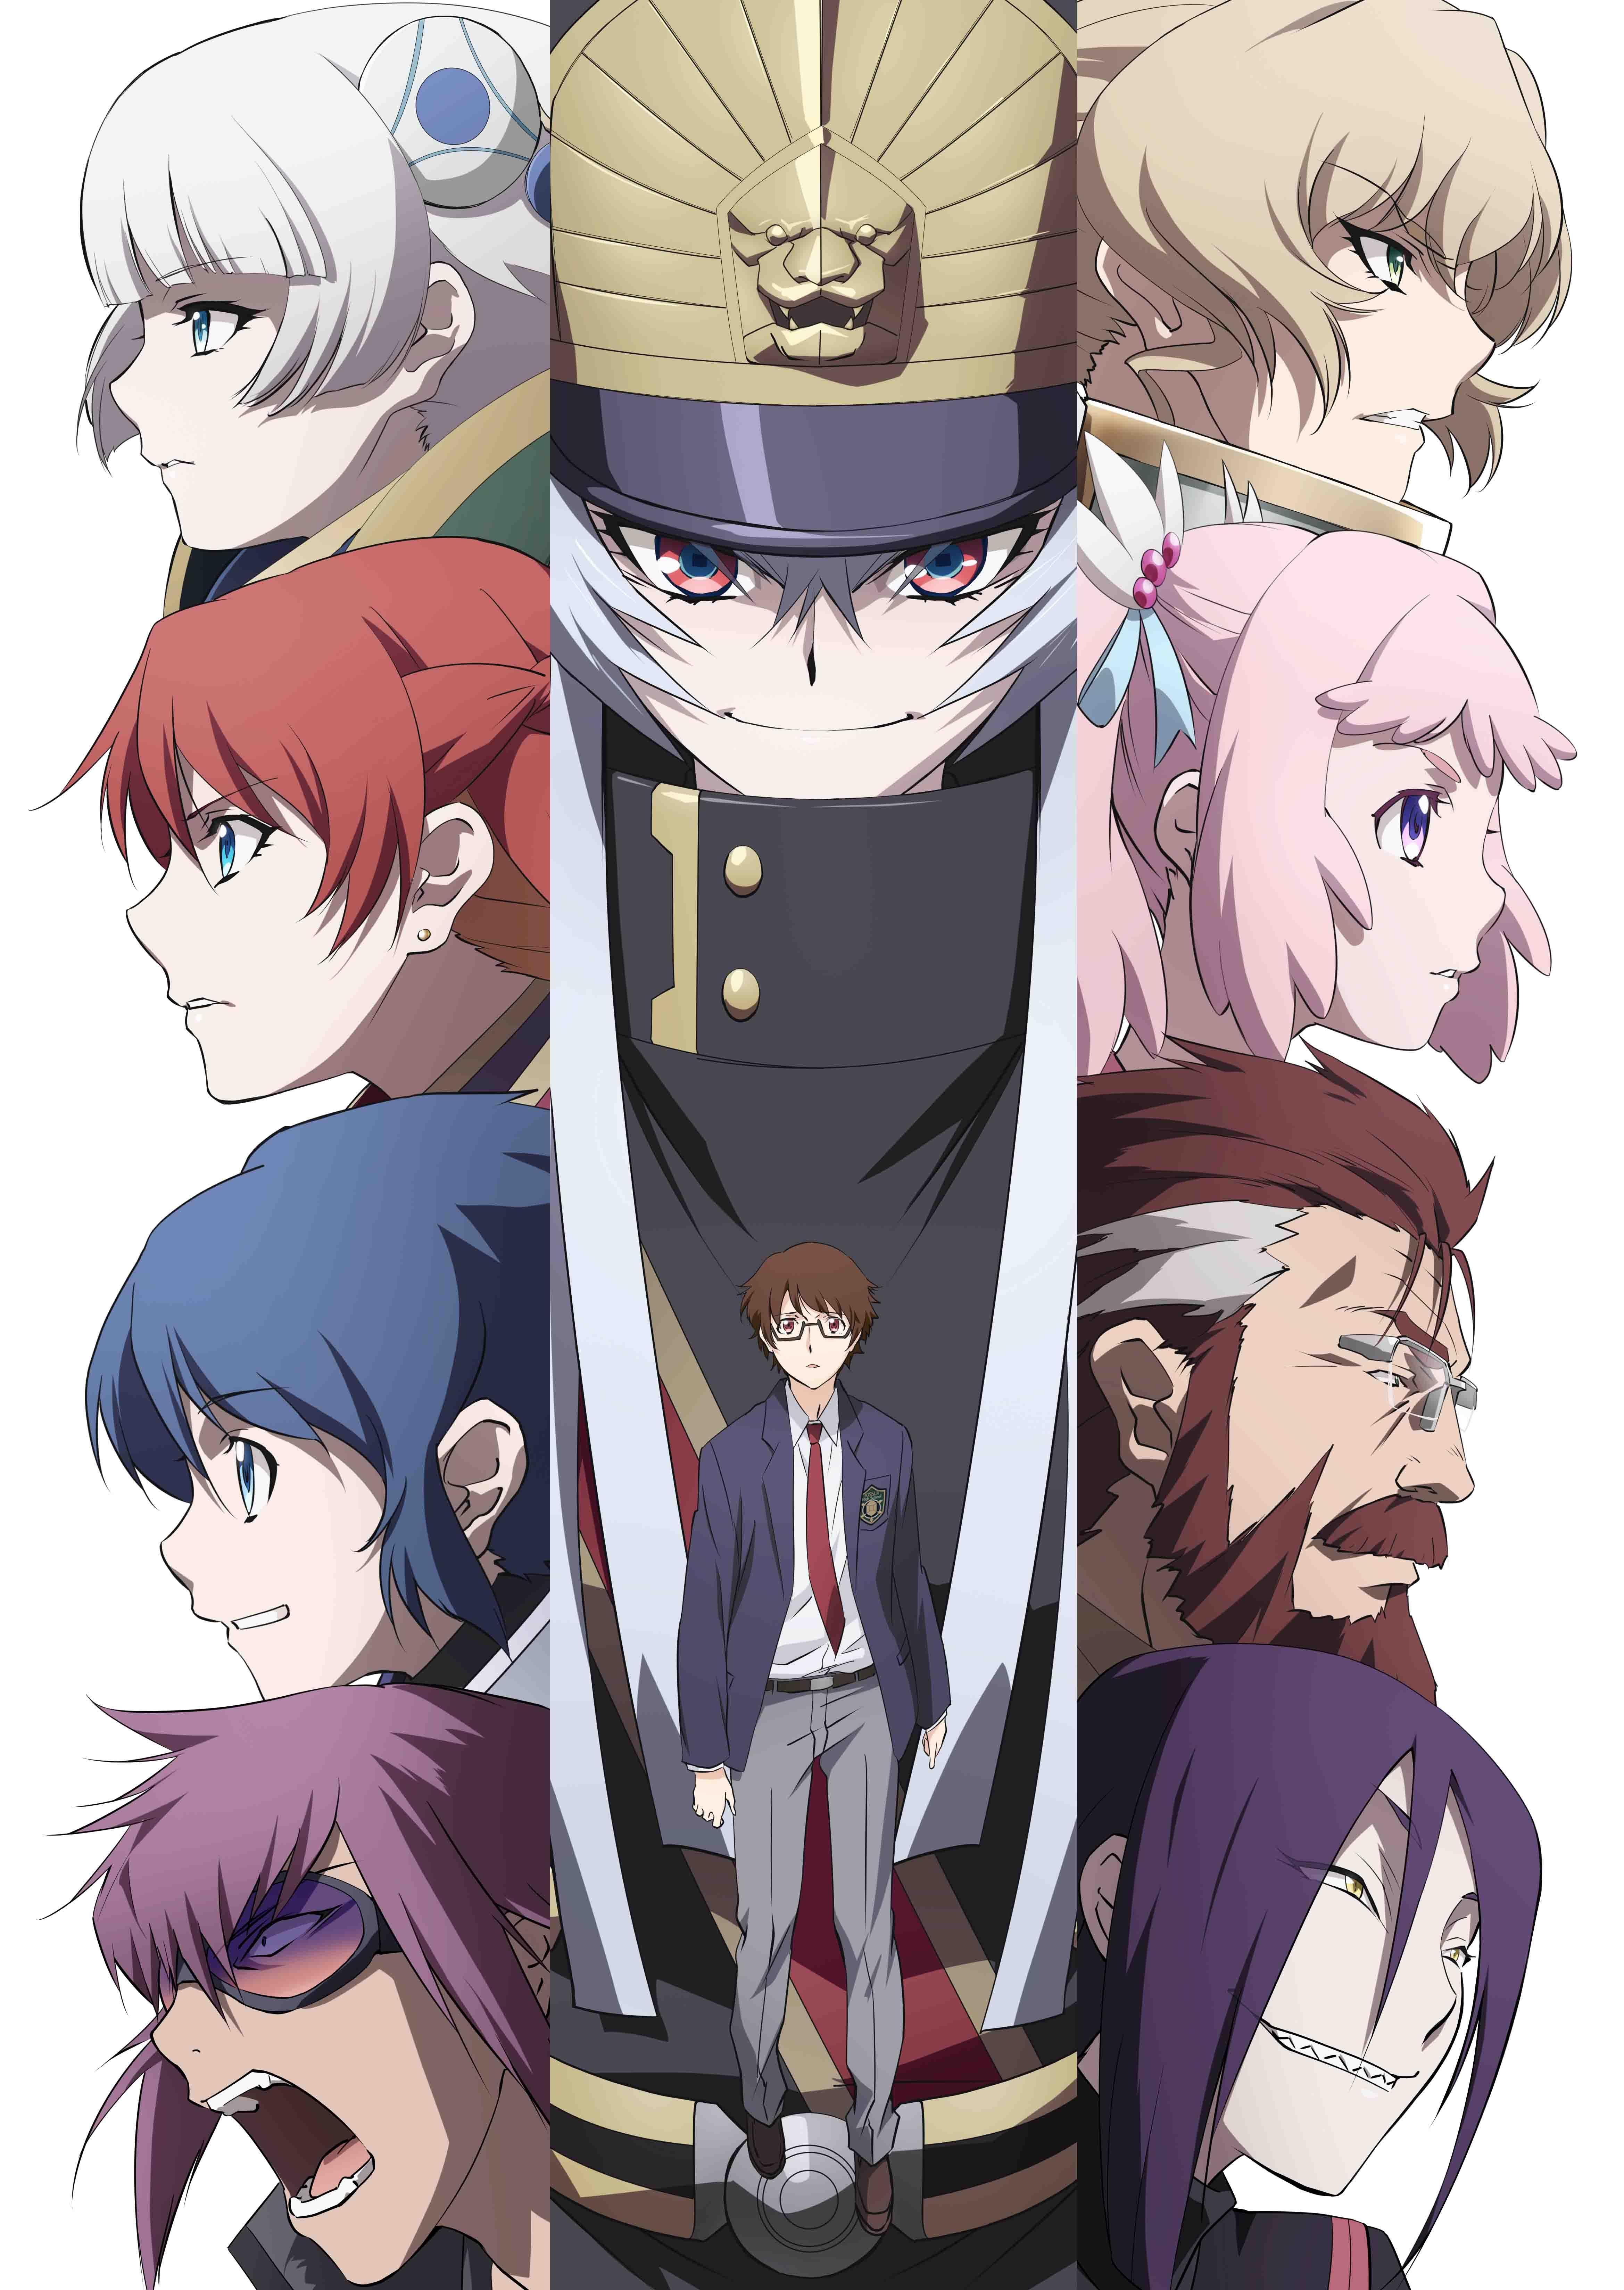 『BLACK LAGOON』広江礼威×『Fate/Zero』あおきえいによる完全新作オリジナルTVアニメーション『Re:CREATORS(レクリエイターズ)』新キービジュアル公開!